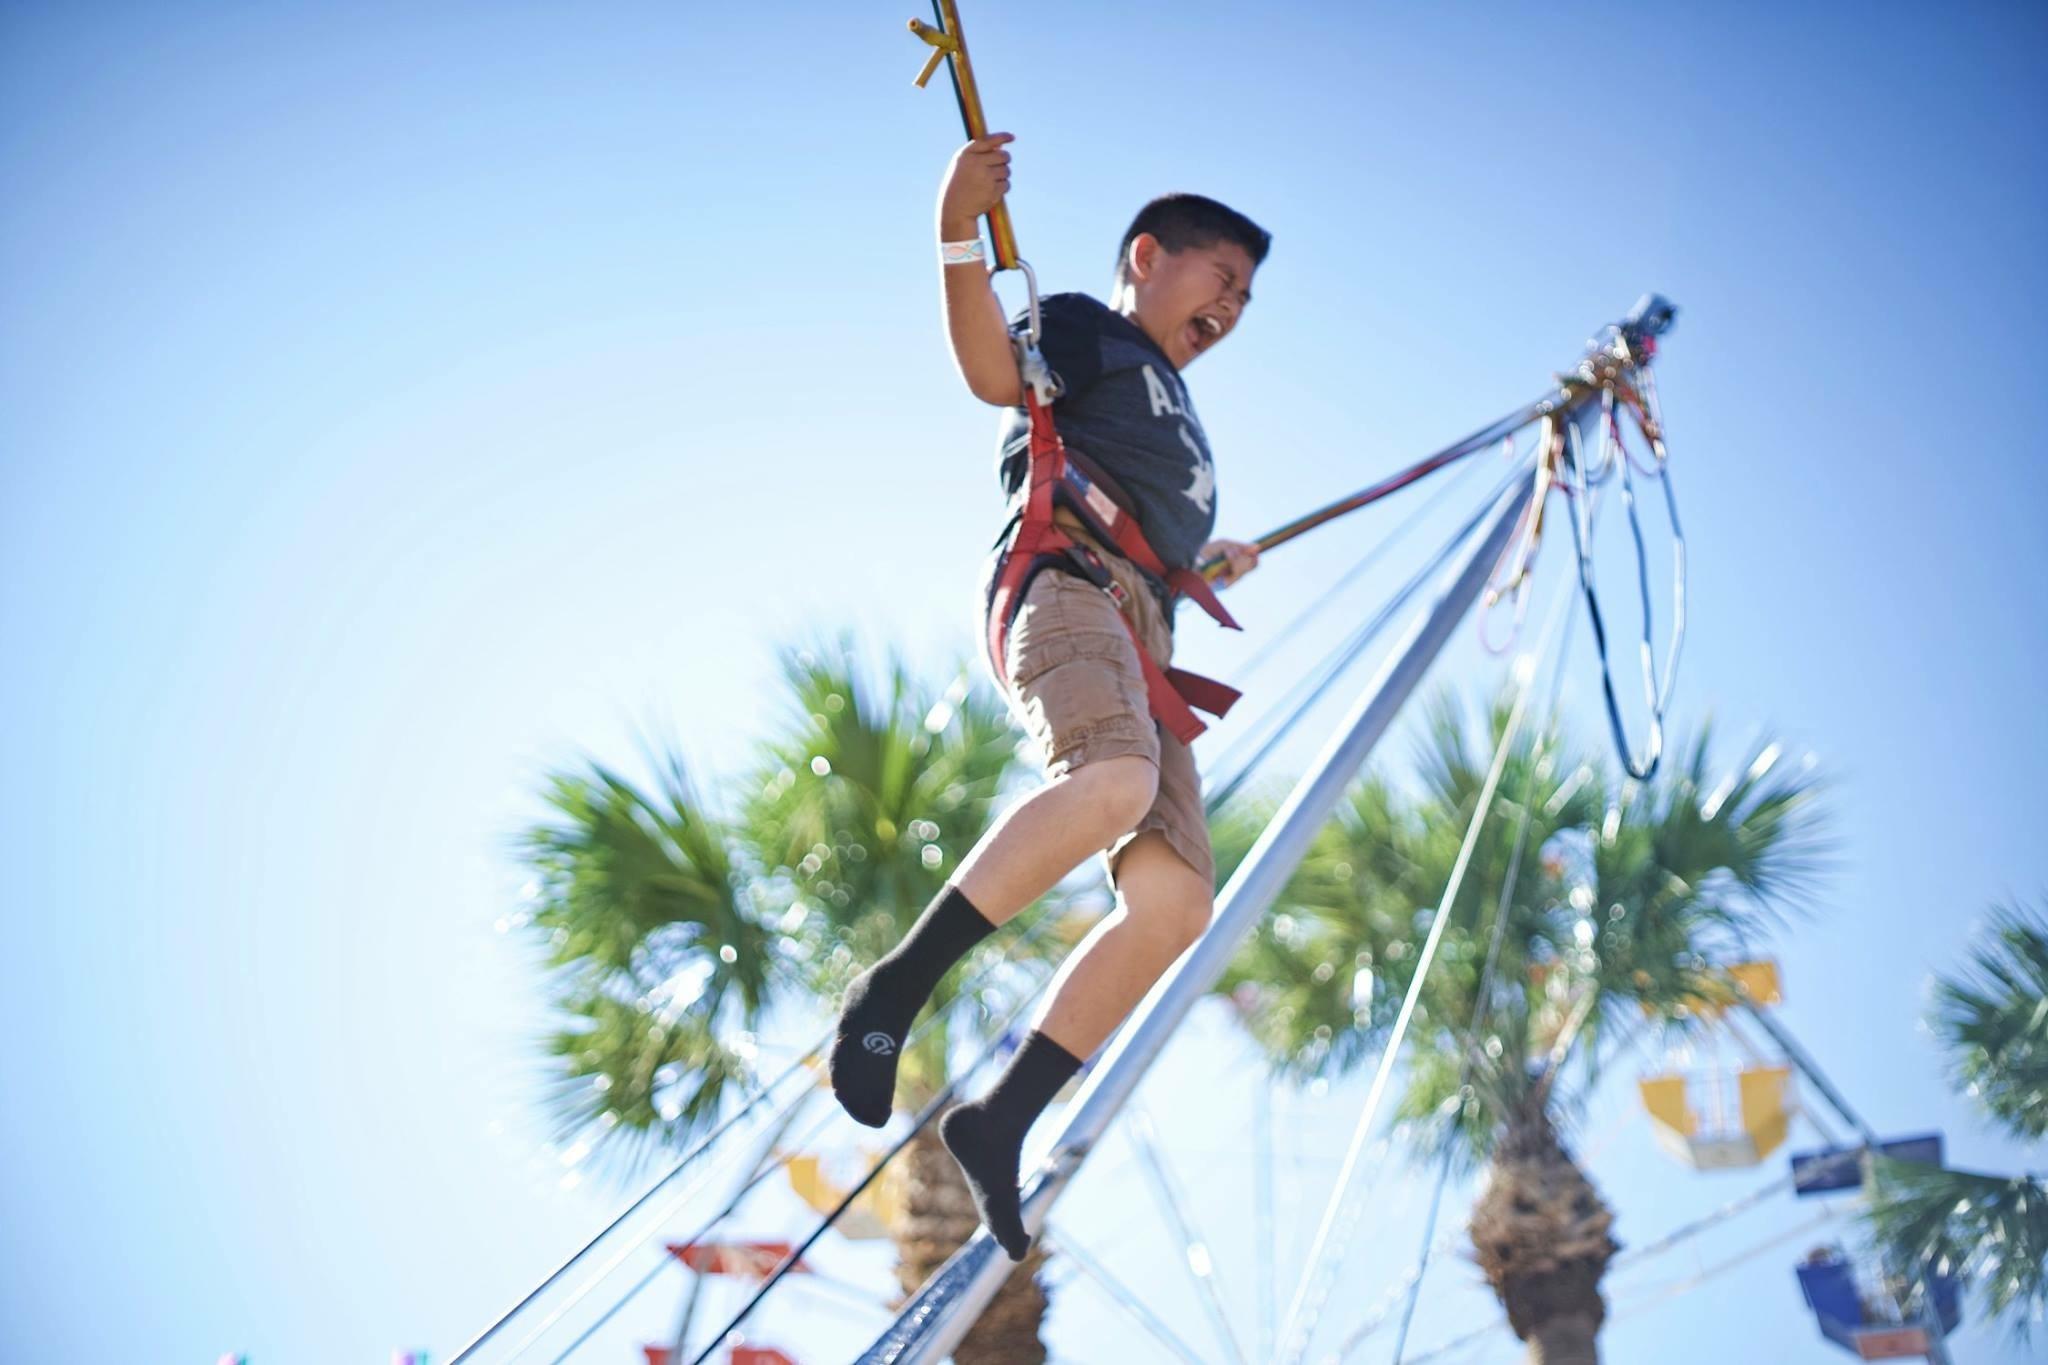 Flying high by John Velasquez